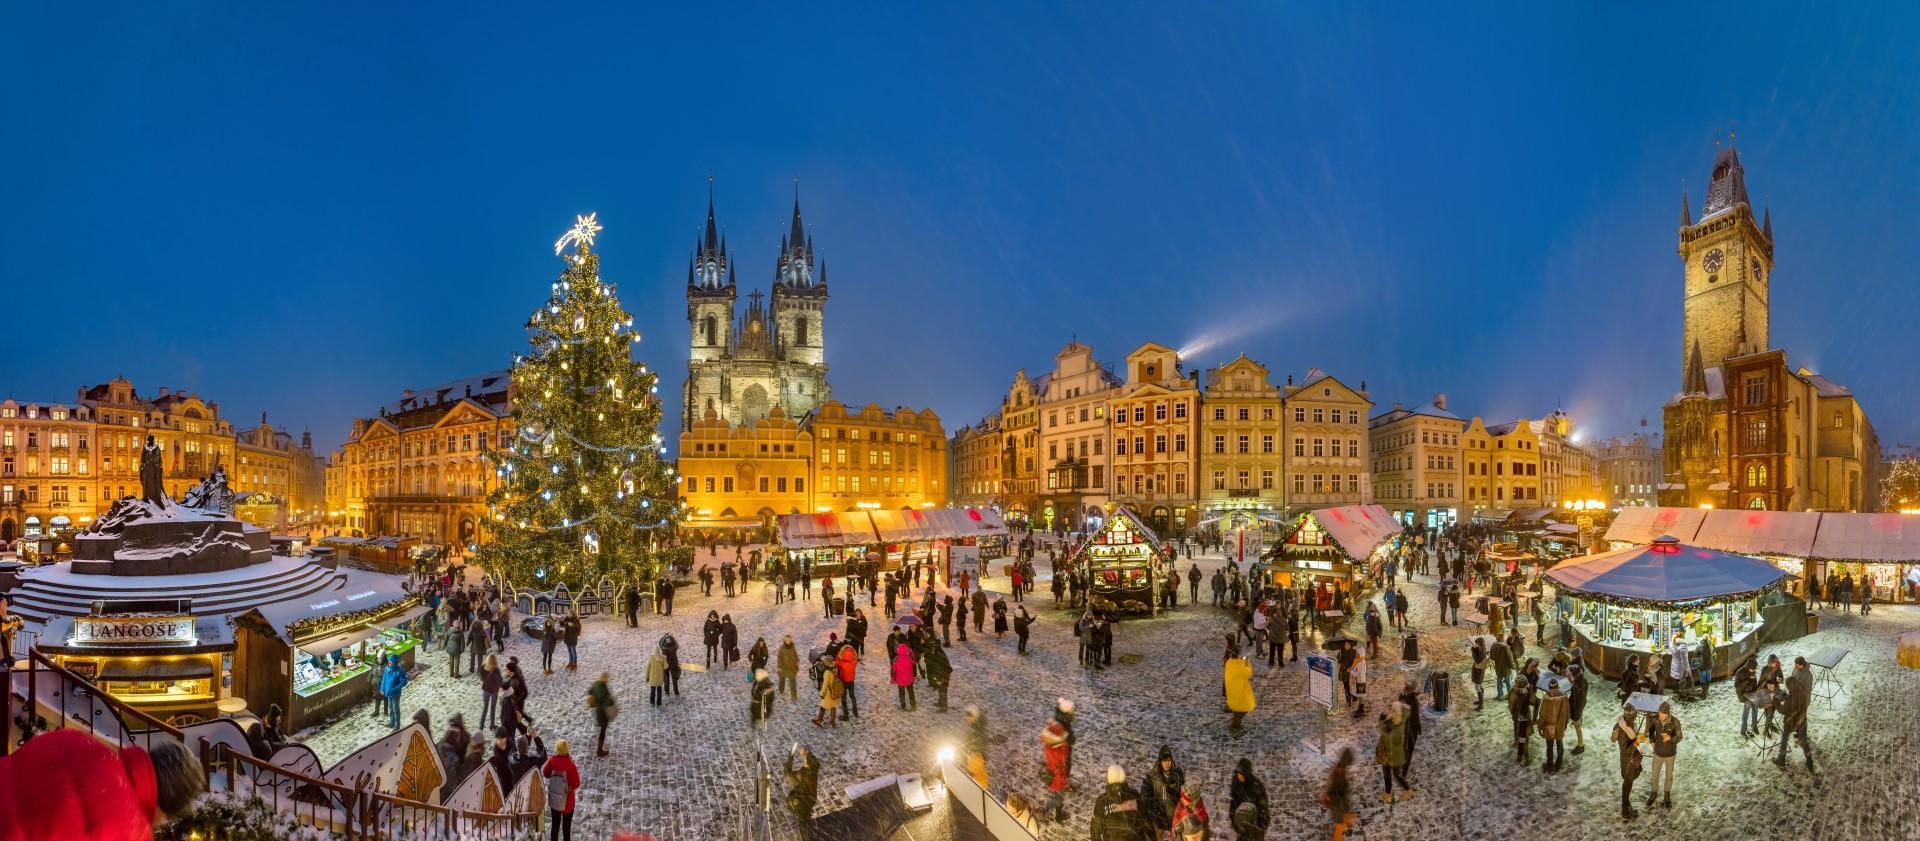 Praga, ancor più magica durante l Avvento